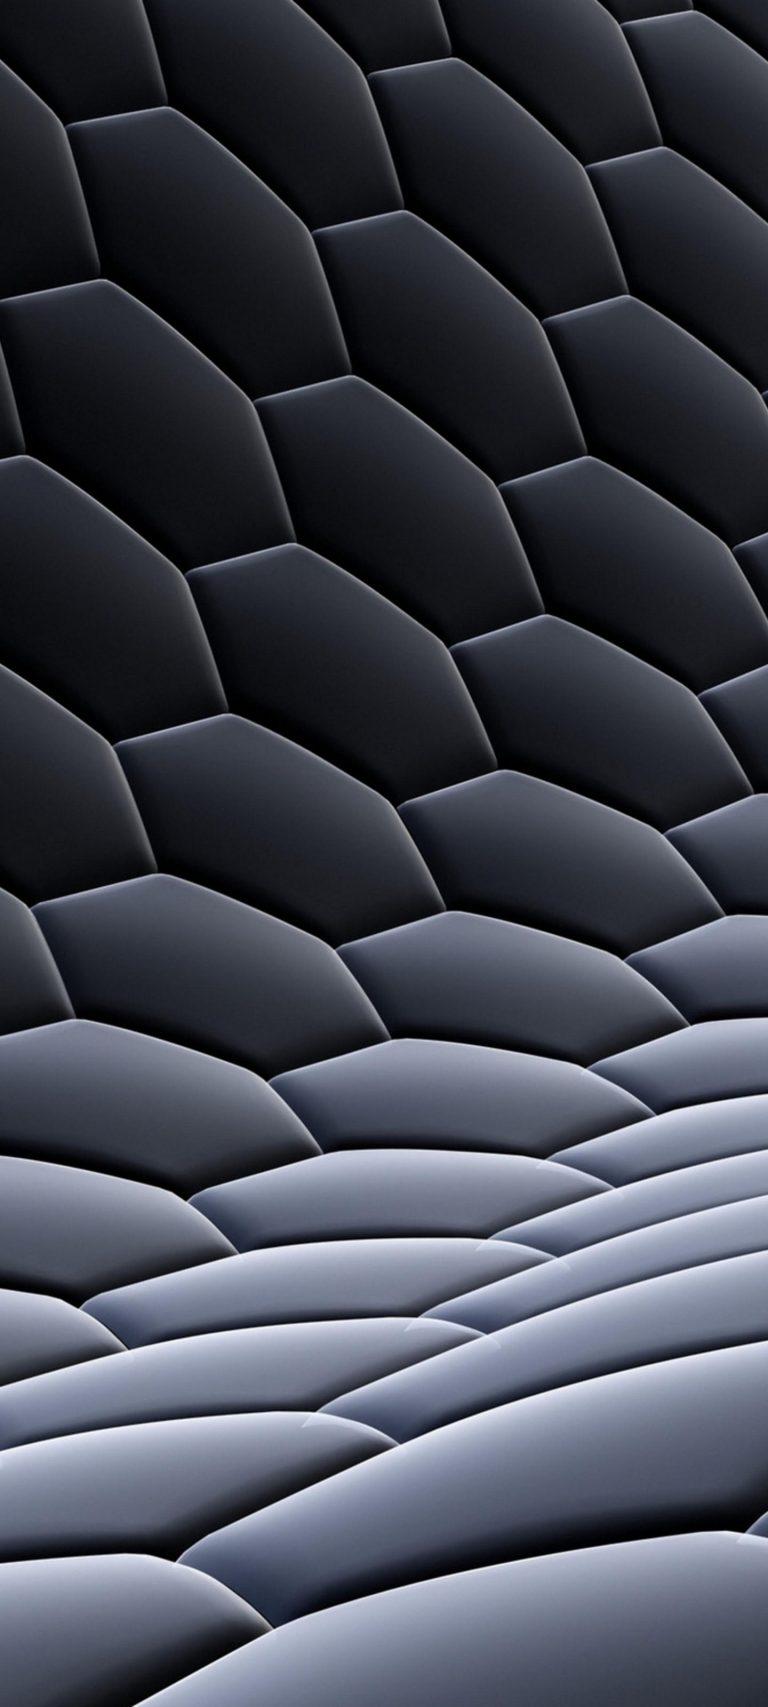 1440x3200 HD Wallpaper 181 768x1707 - 1440x3200 HD Wallpaper - 181